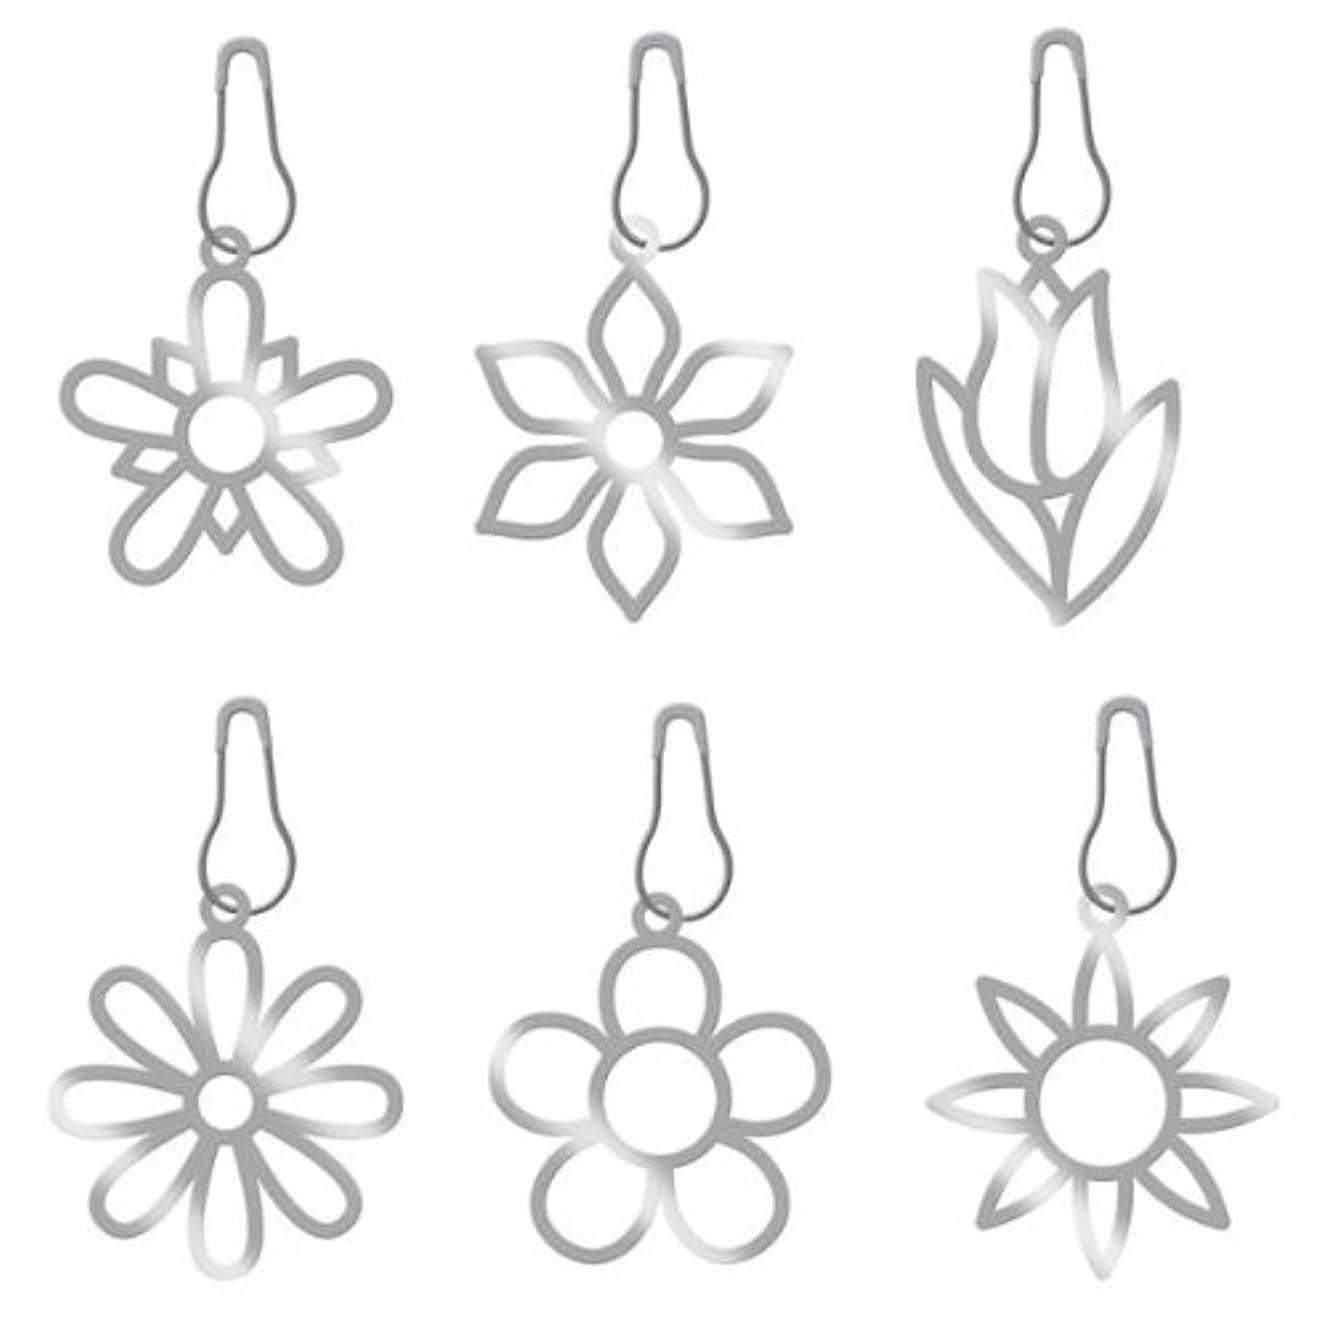 KAREN FOSTER Design Scrapbooking Bloomin Metal Charms, 12 x 12